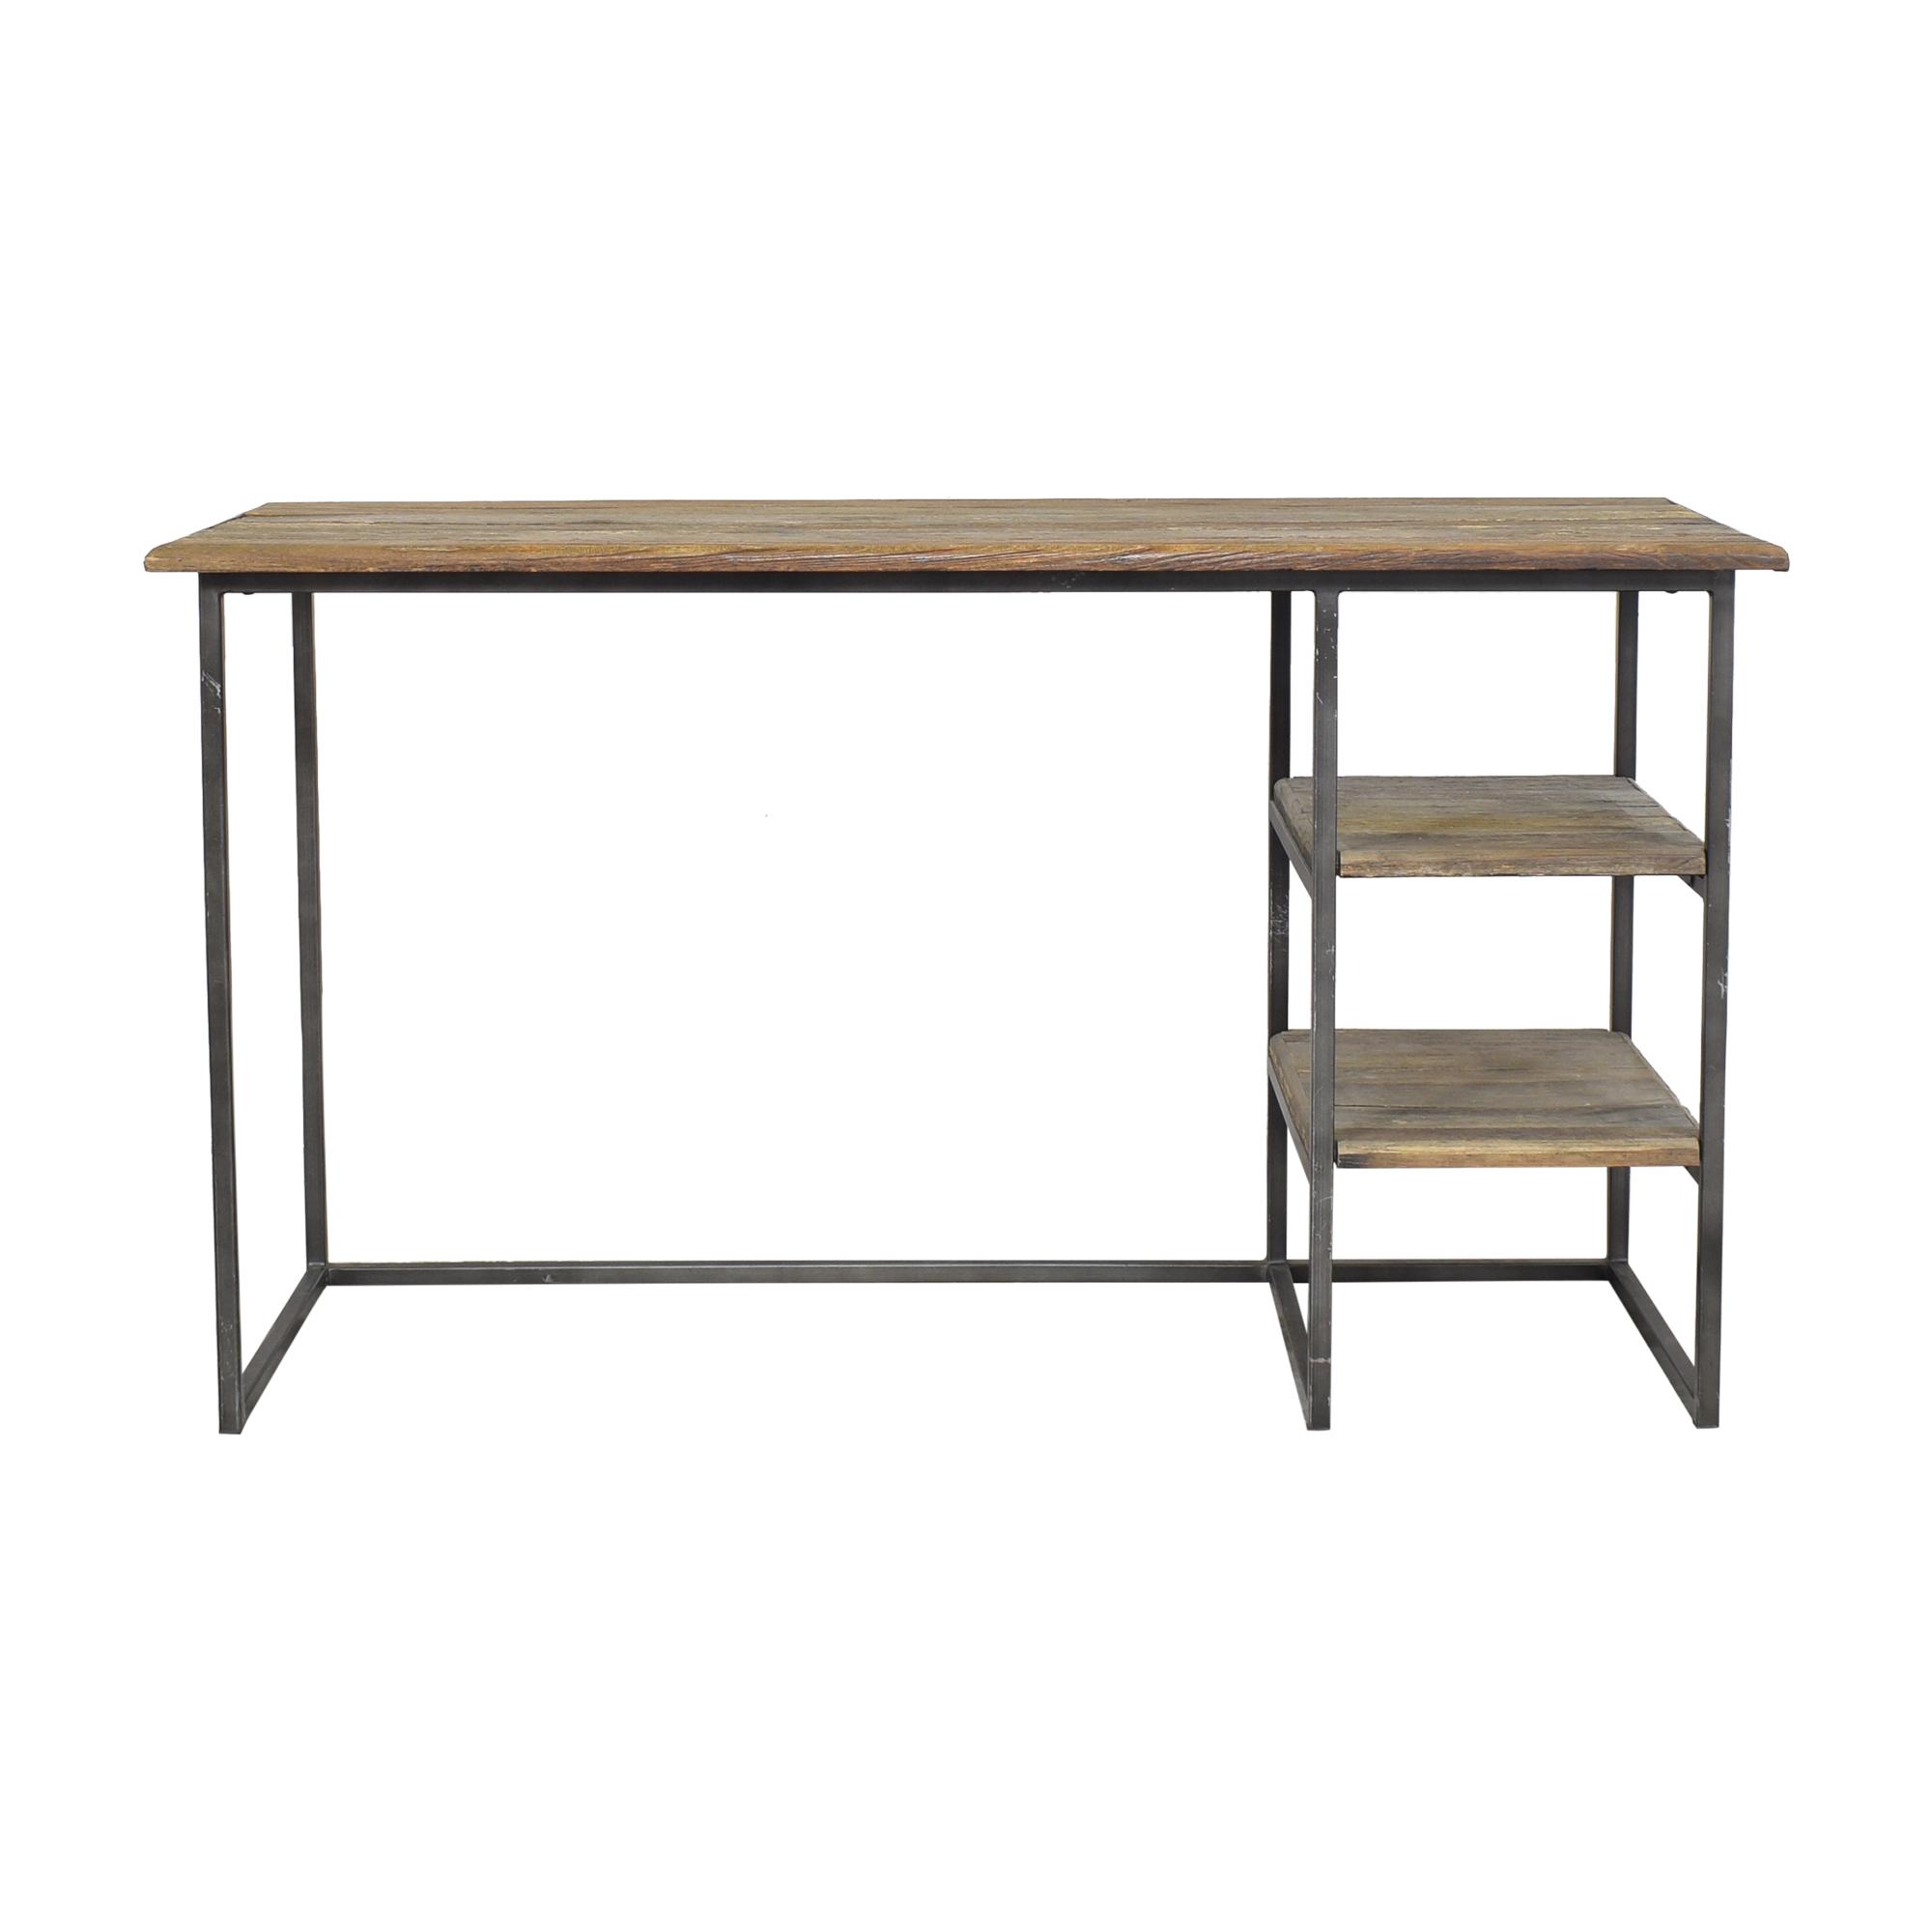 Restoration Hardware Fulton Desk / Tables